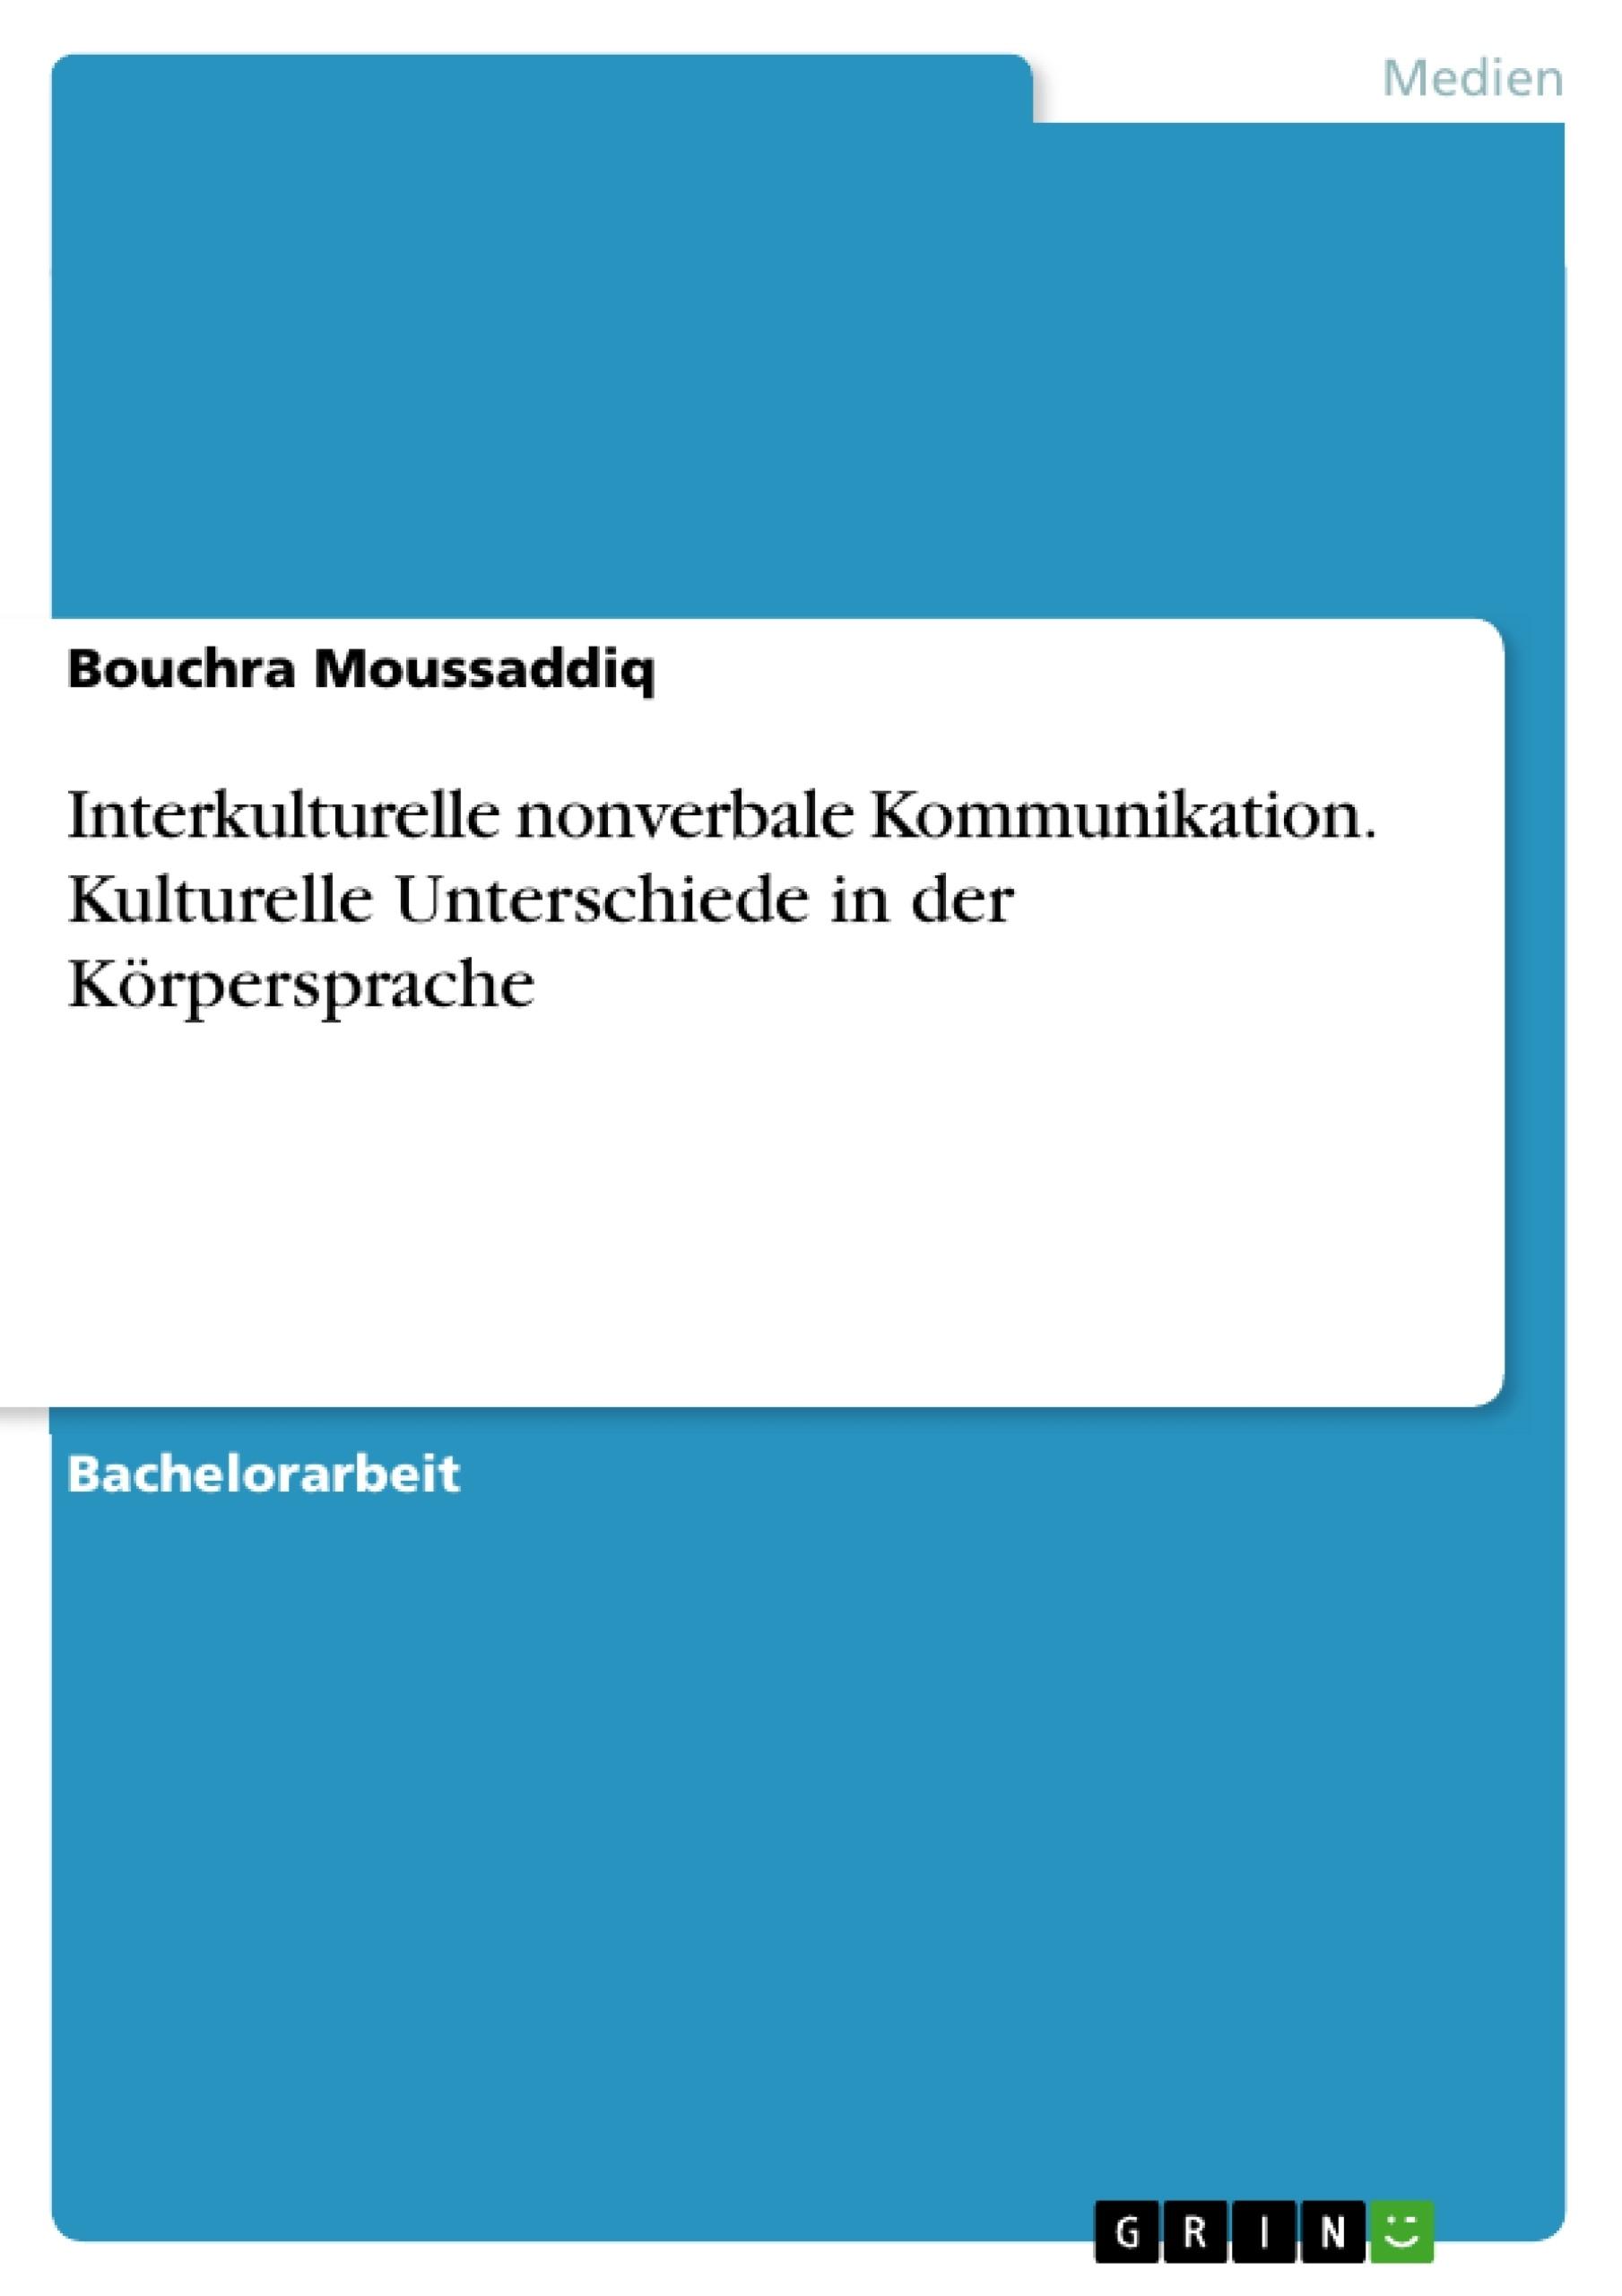 Titel: Interkulturelle nonverbale Kommunikation. Kulturelle Unterschiede in der Körpersprache